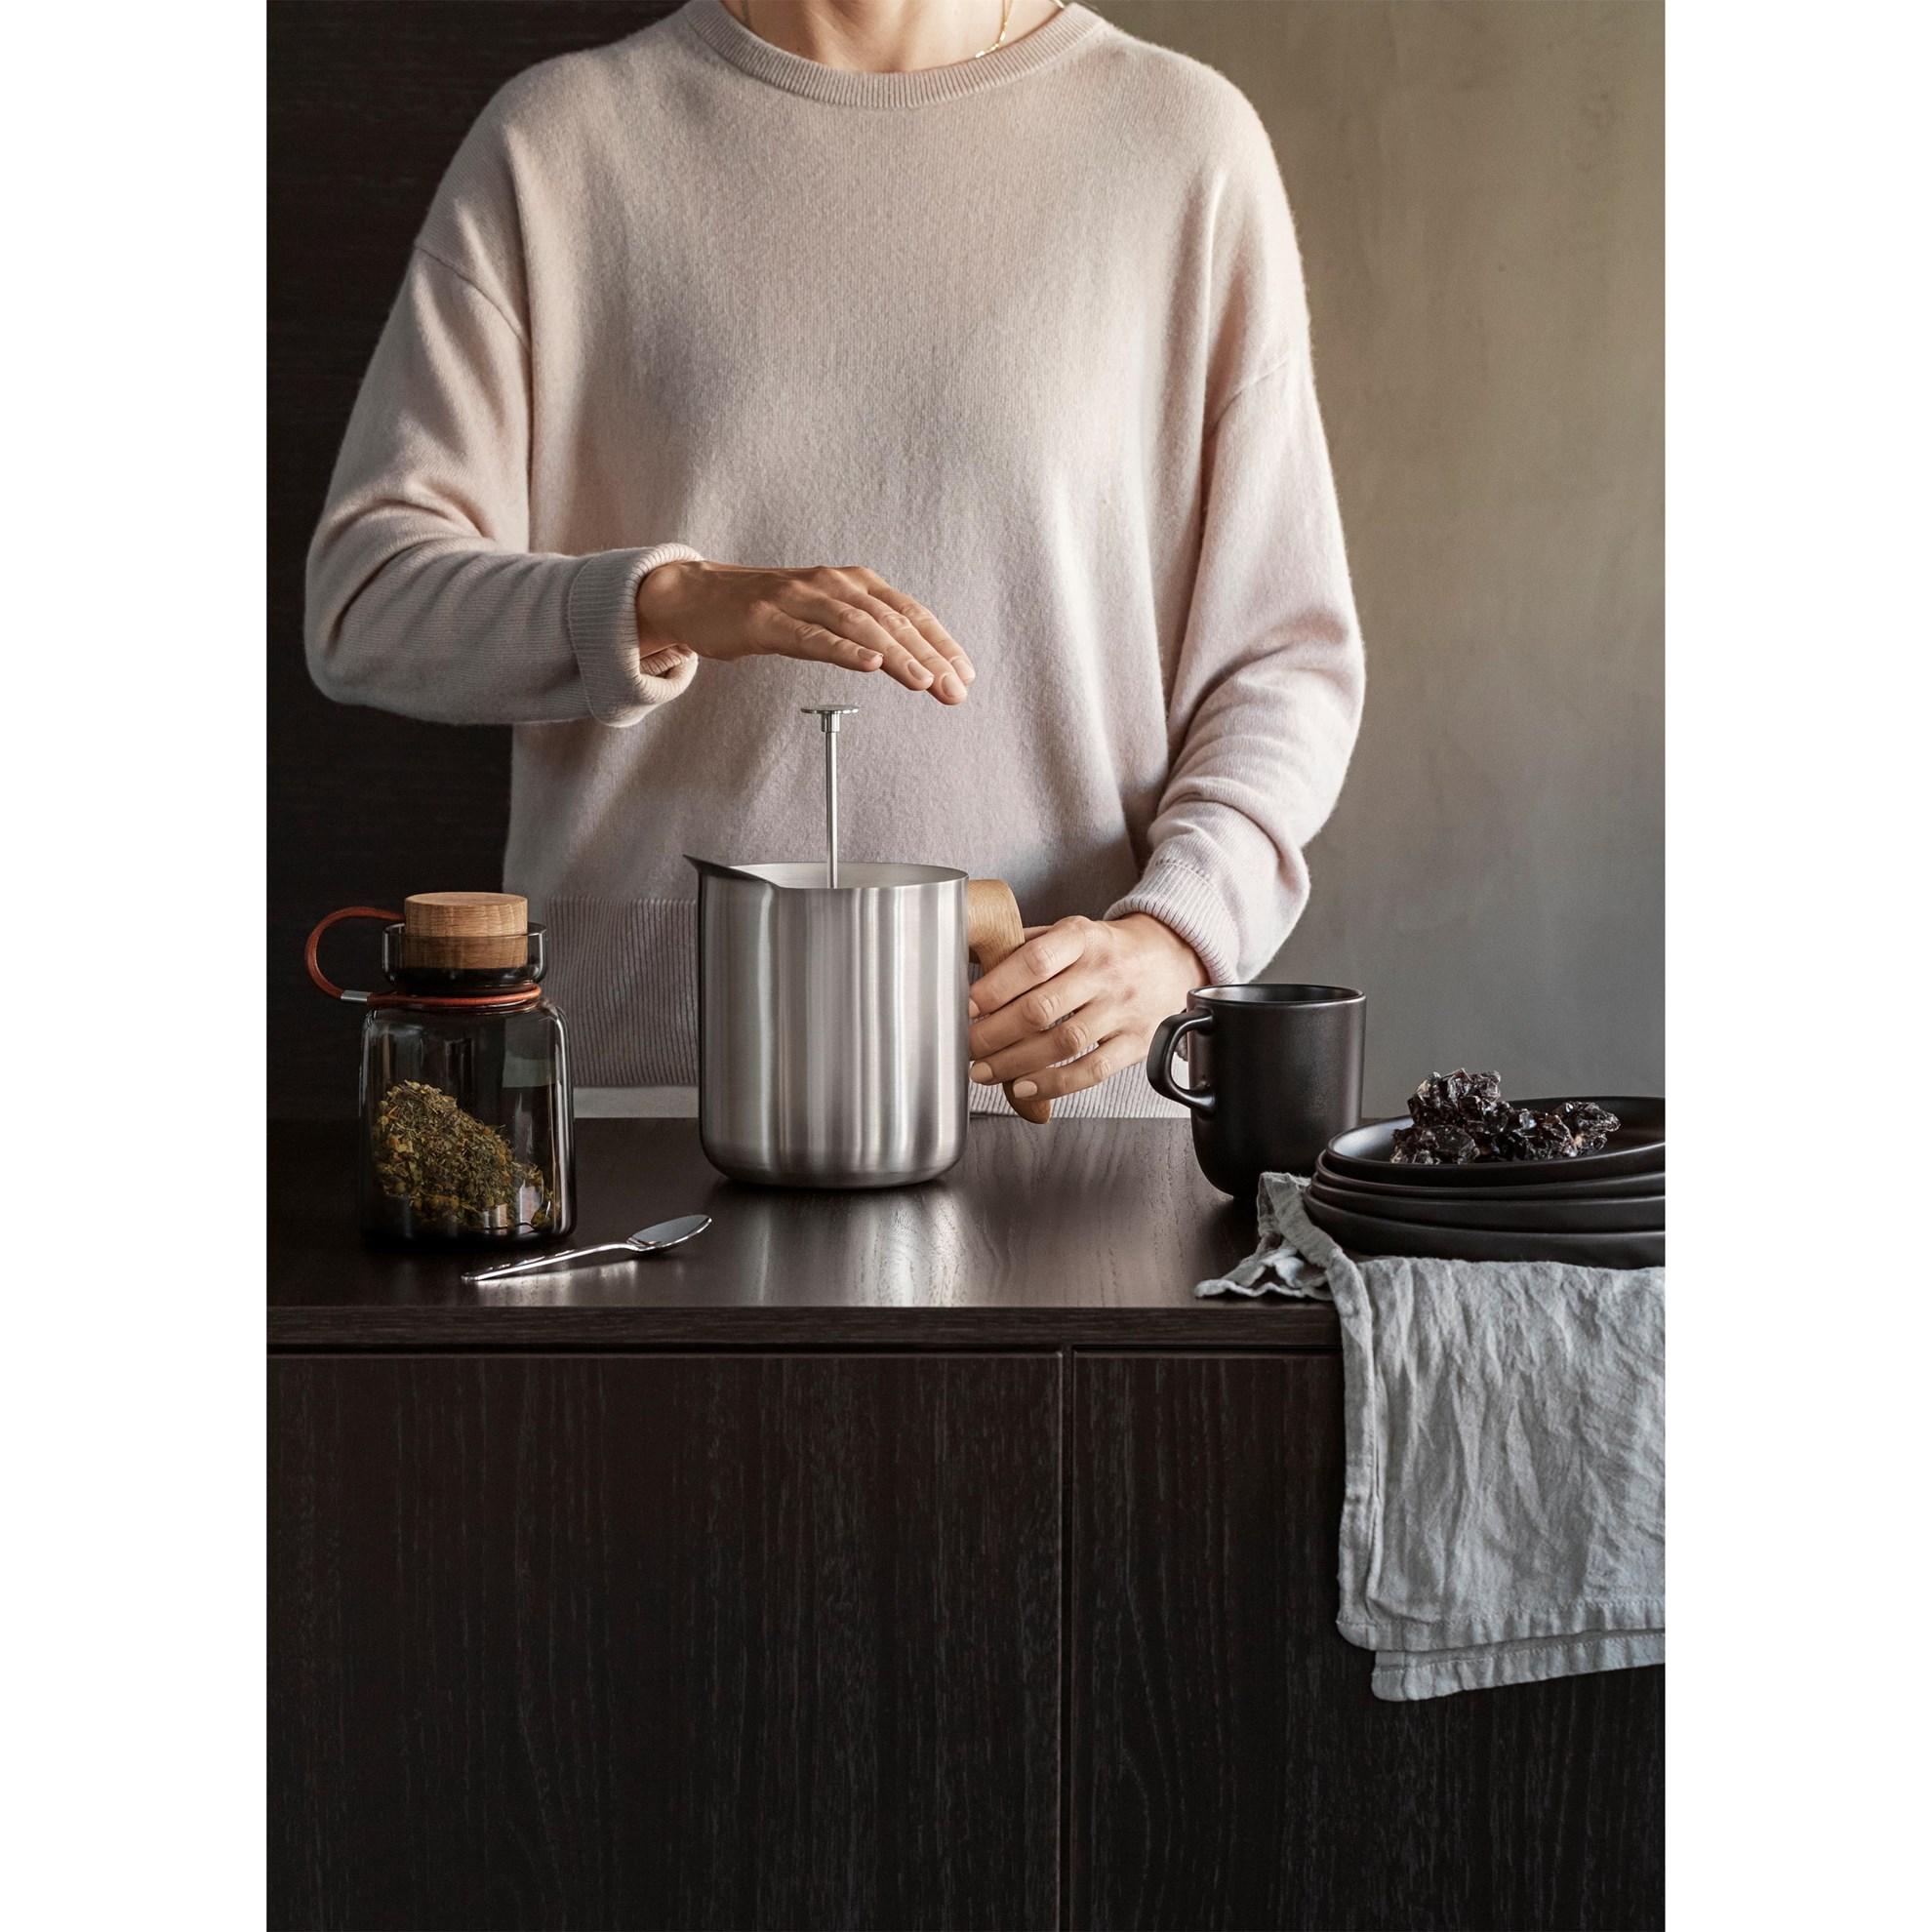 Čajová konvice 1l Nordic Kitchen_5